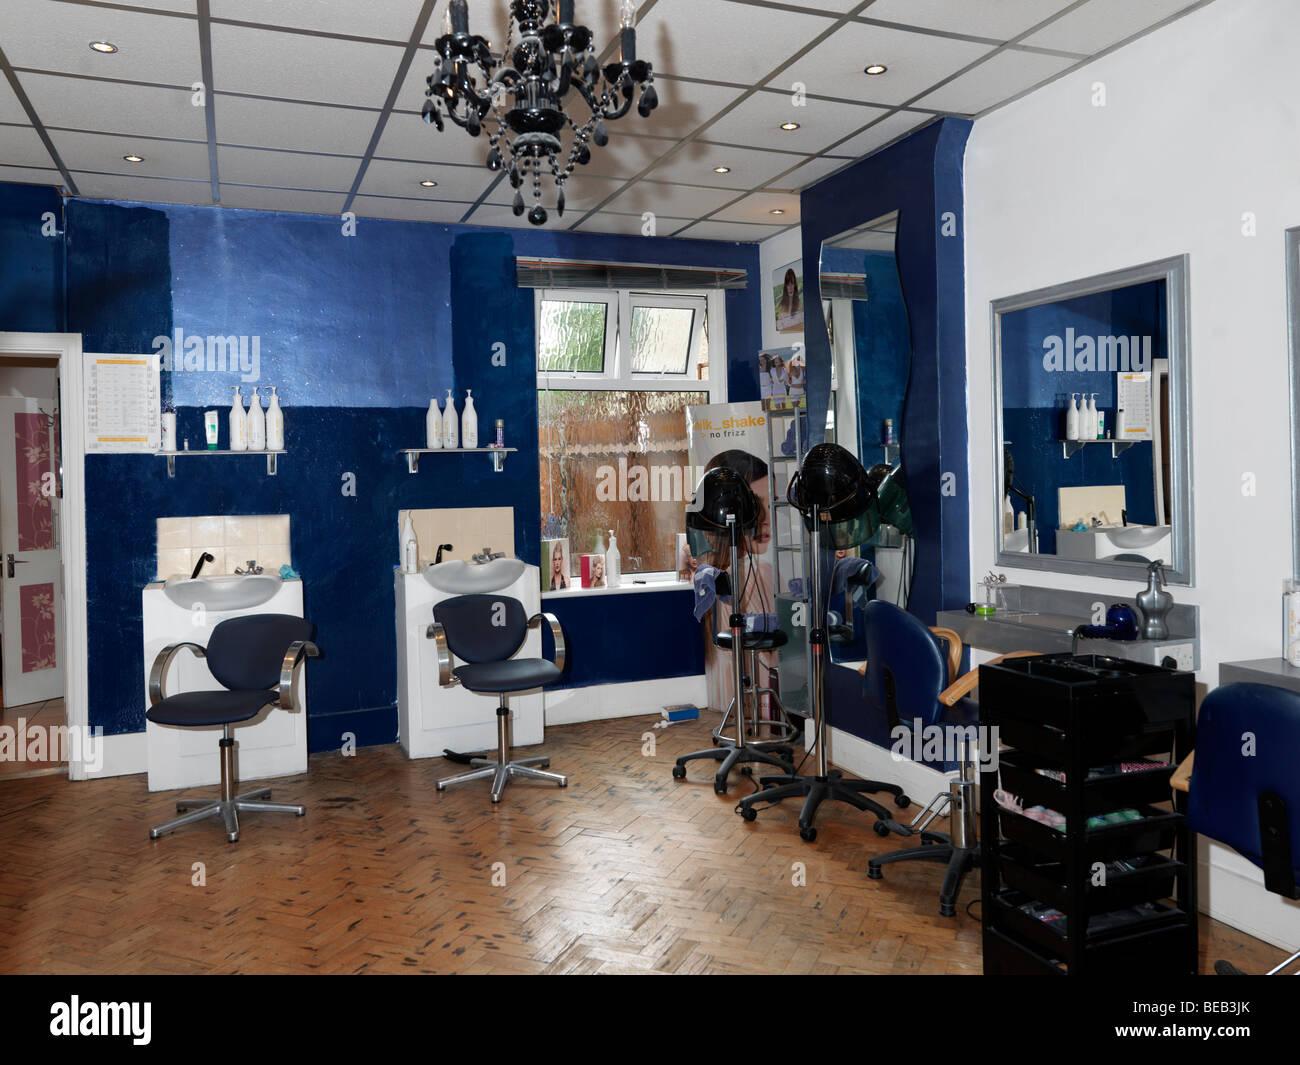 Salon de paris stockfotos salon de paris bilder alamy